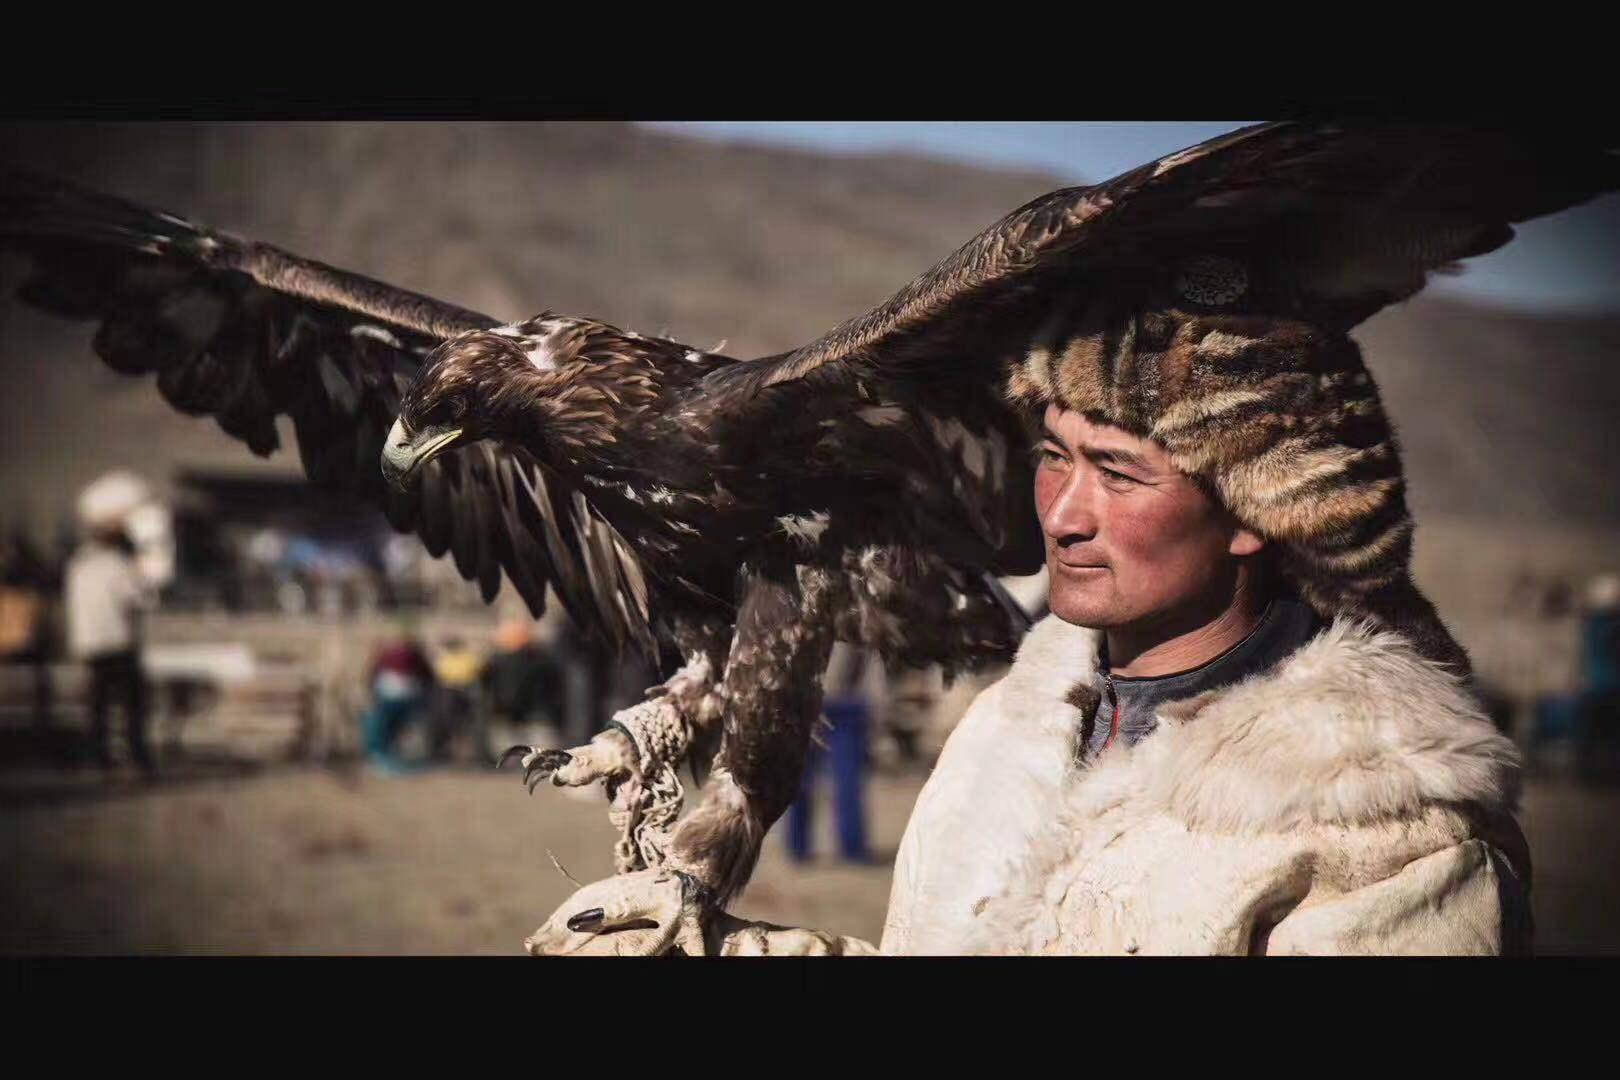 2019年11月 | 蒙古国万博体育app官方下载.横跨3000公里,带你穿行西部猎鹰文化.